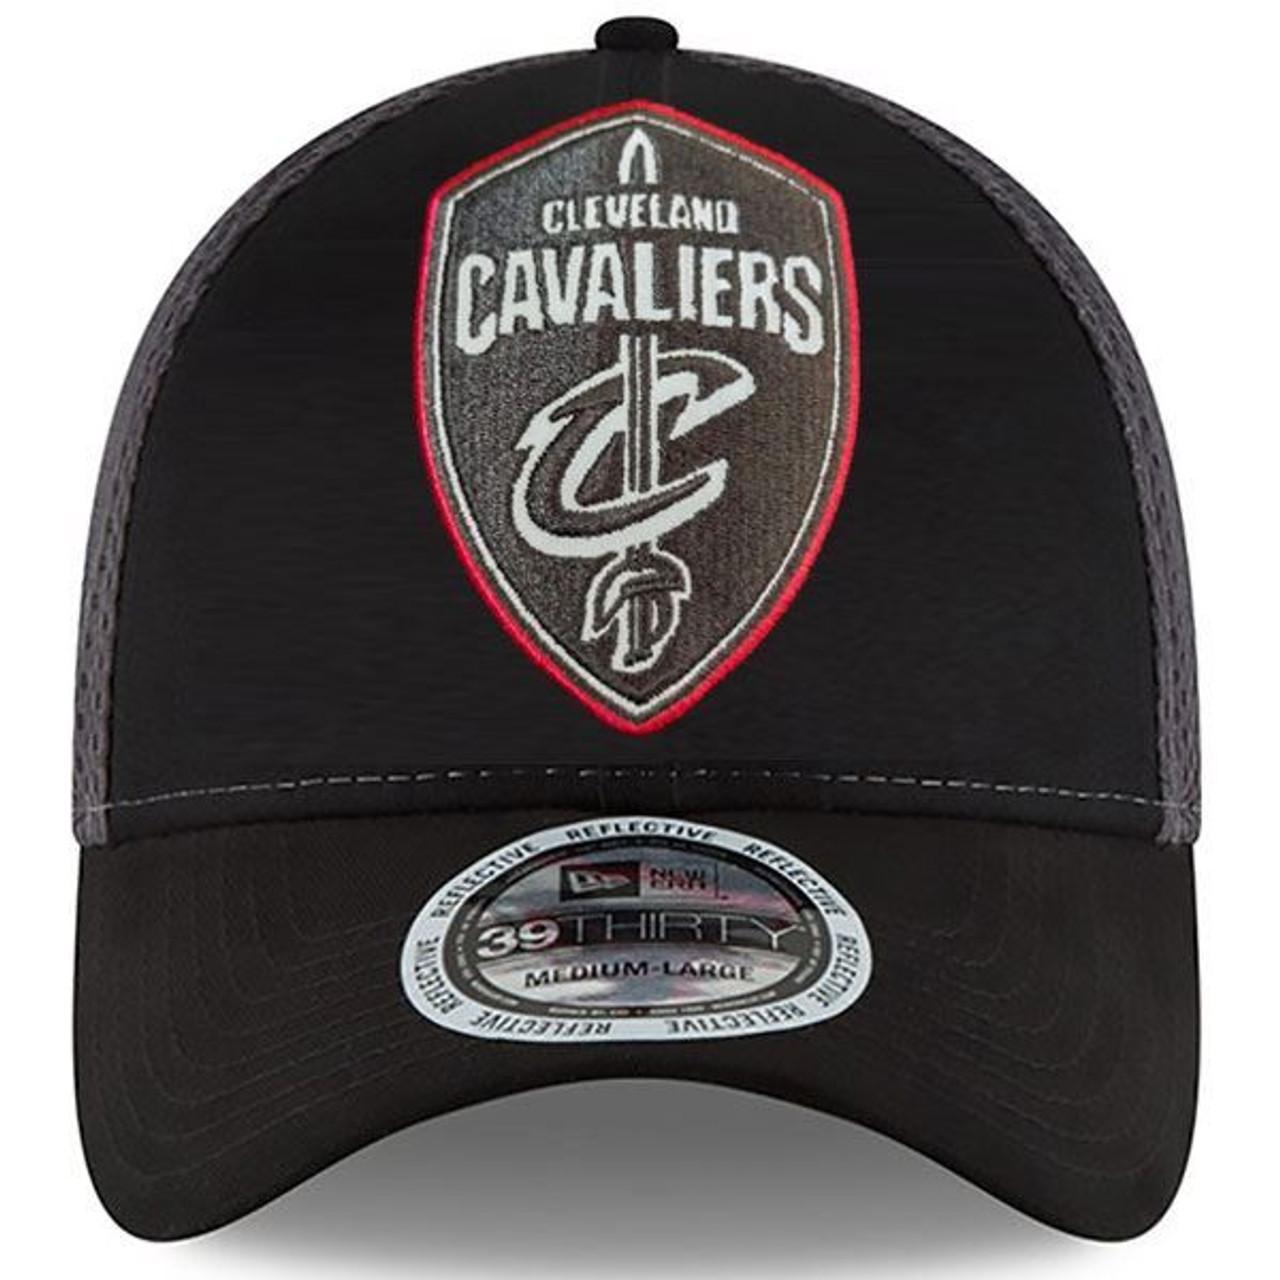 cc79a9d5724 Cavs Megaflect Global Flex Hat - Cleveland Cavaliers